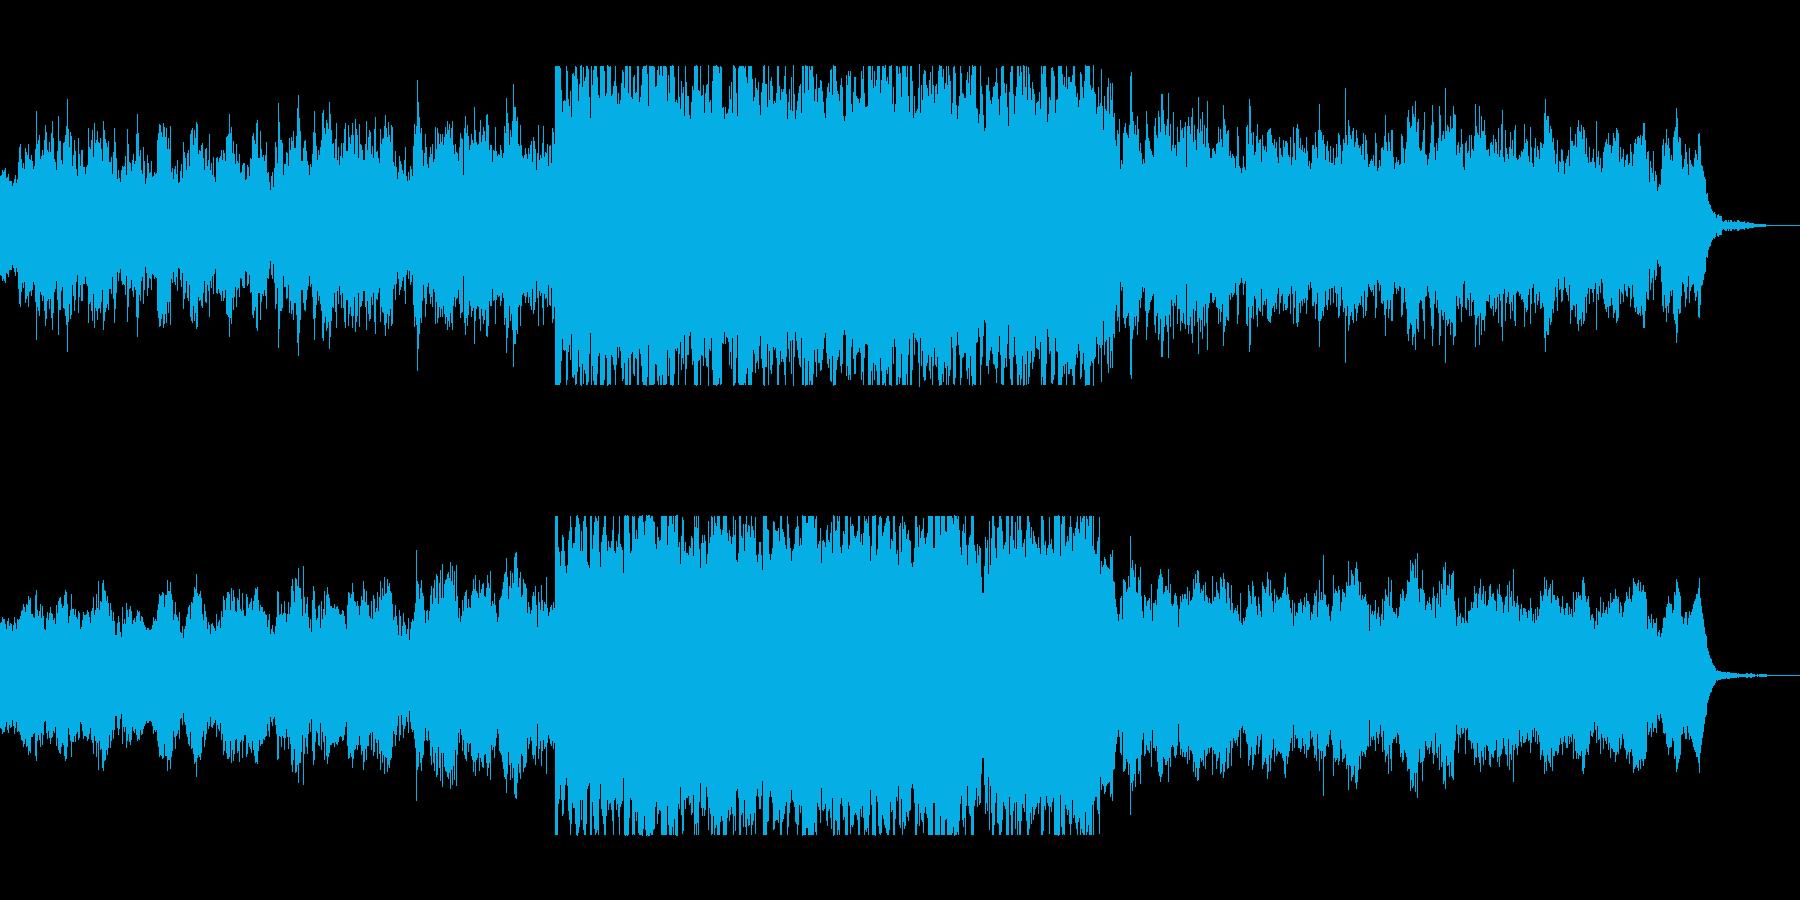 おしゃれファンタジーシンセサウンドの再生済みの波形